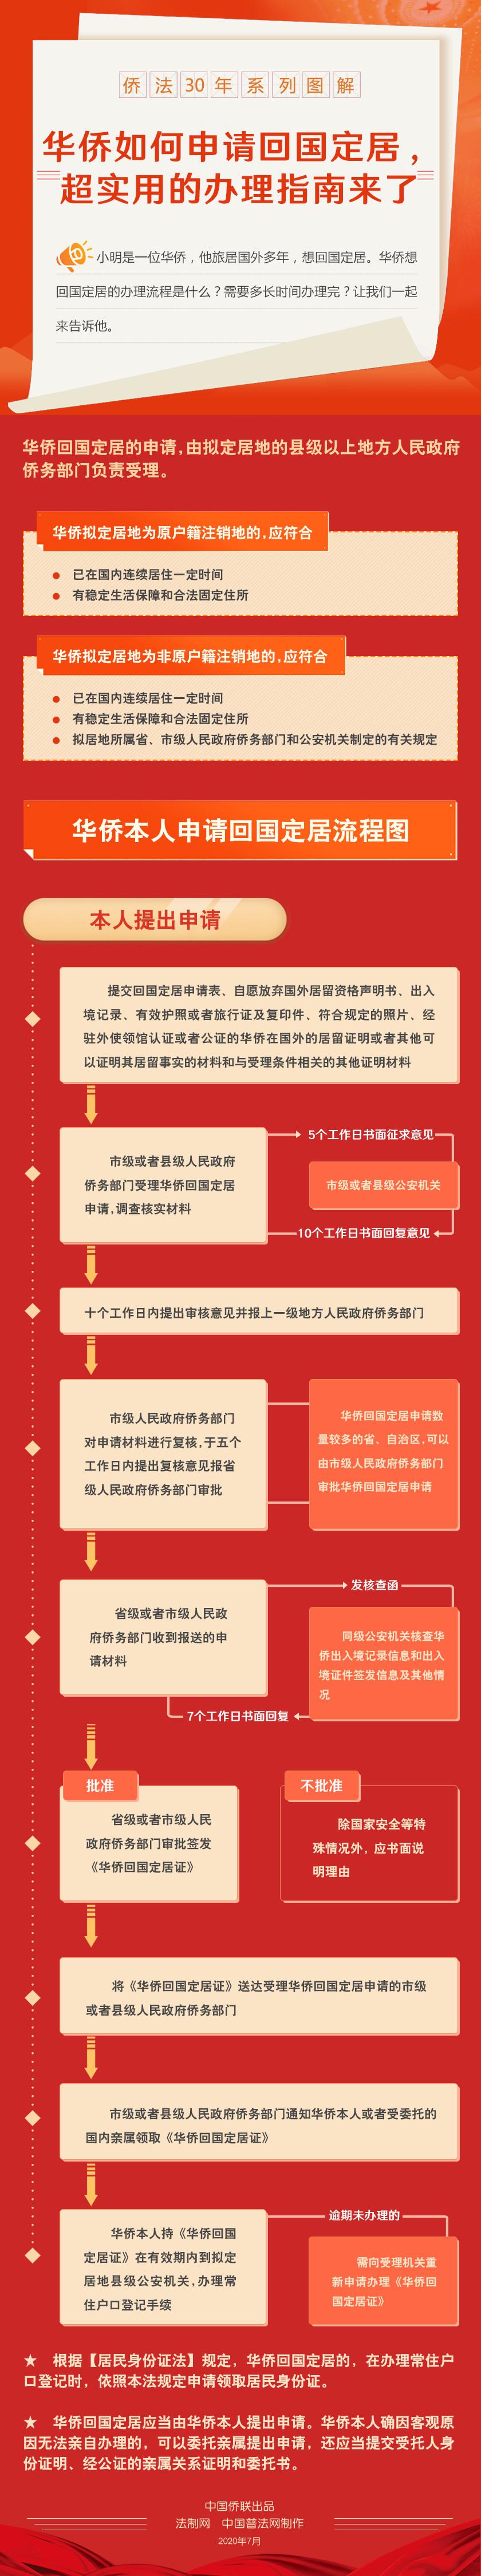 侨法30年系列图解(二).png